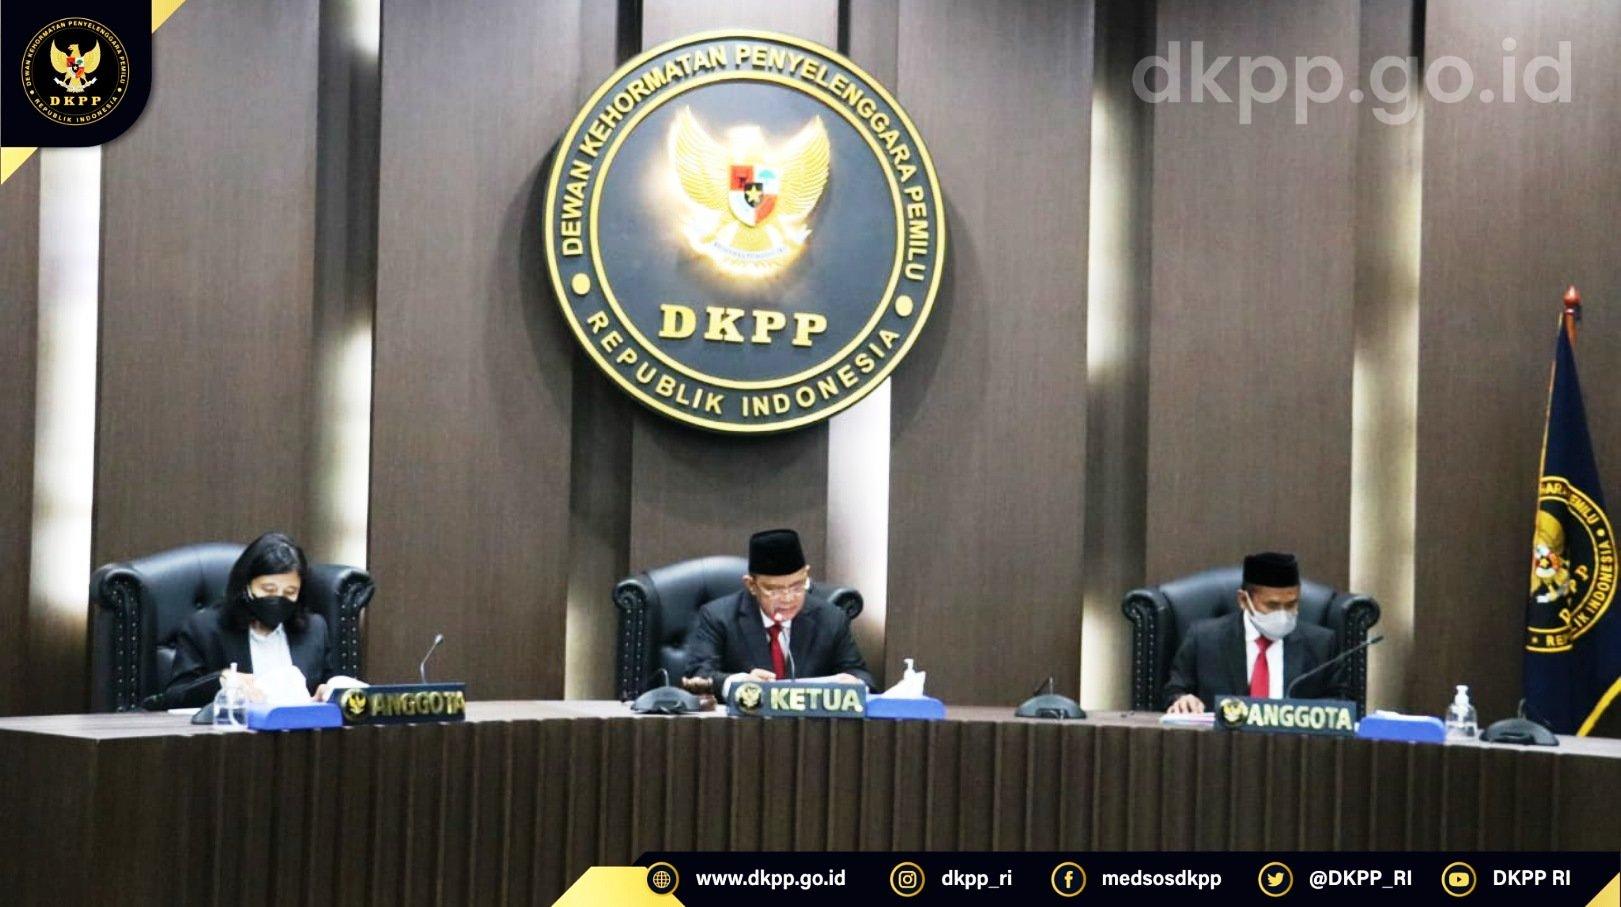 Terkait Masalah JPPR, KPU dan Bawaslu Kebumen Diadukan ke DKPP